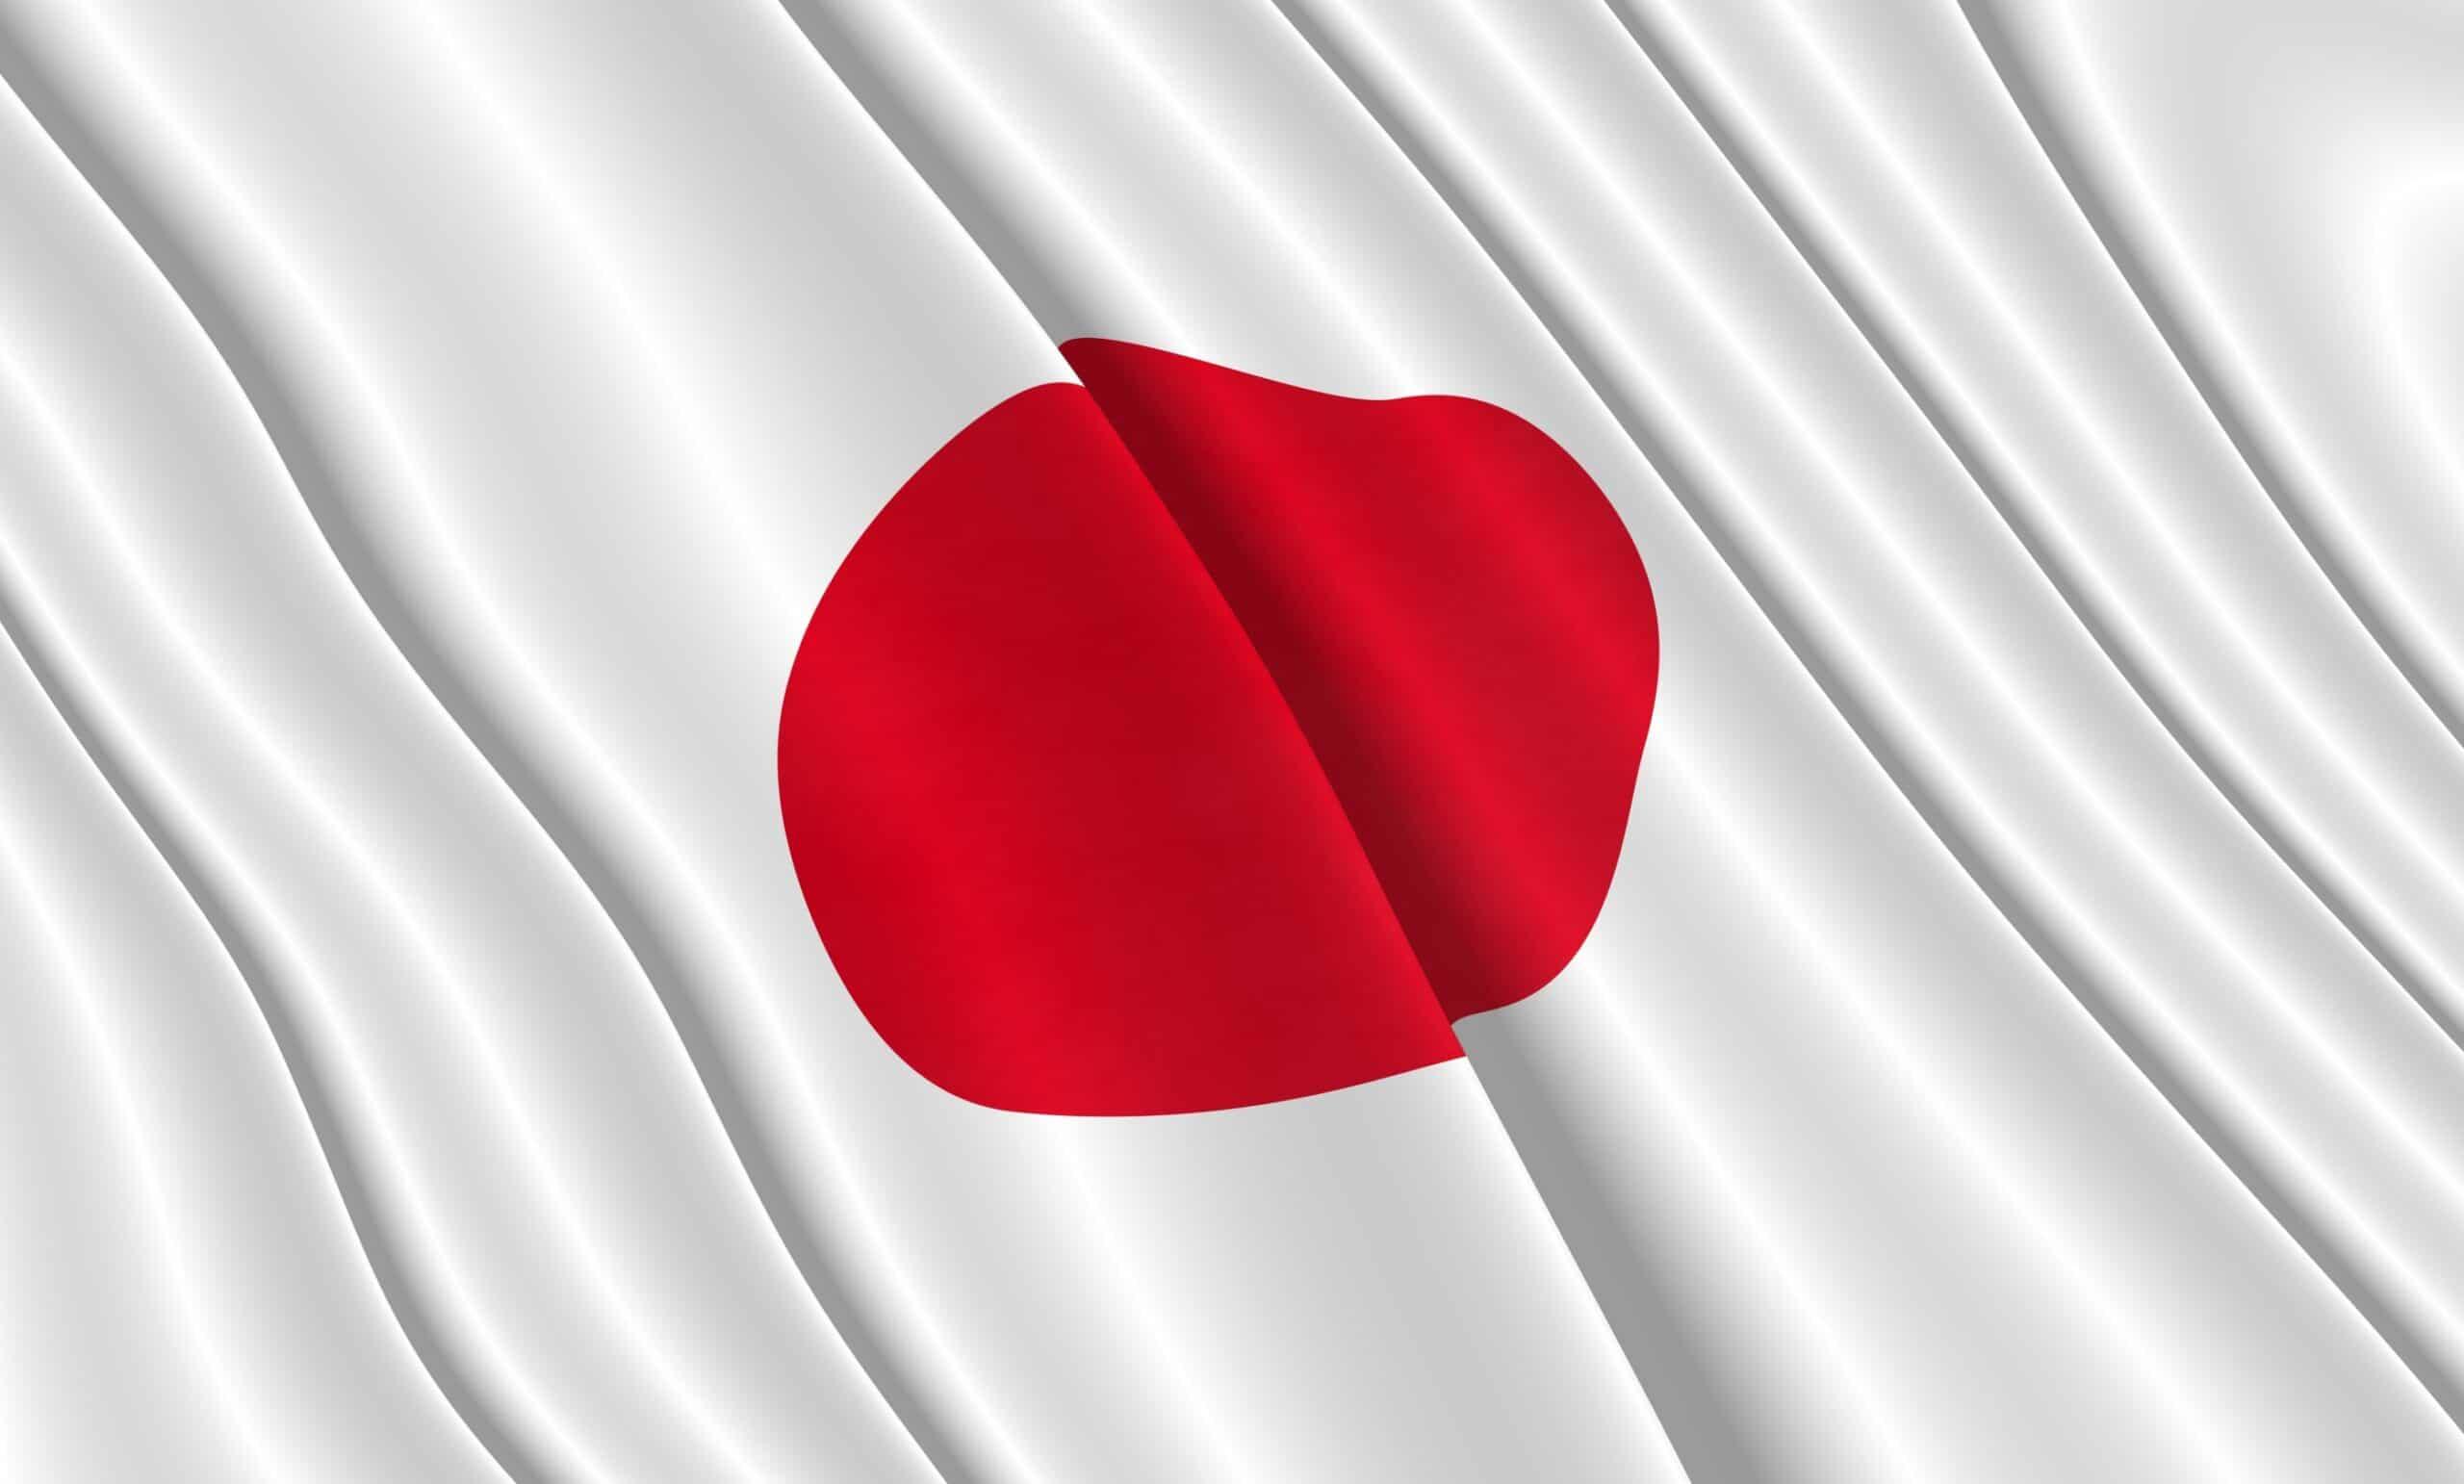 Bandeira do Japão meio dobrada